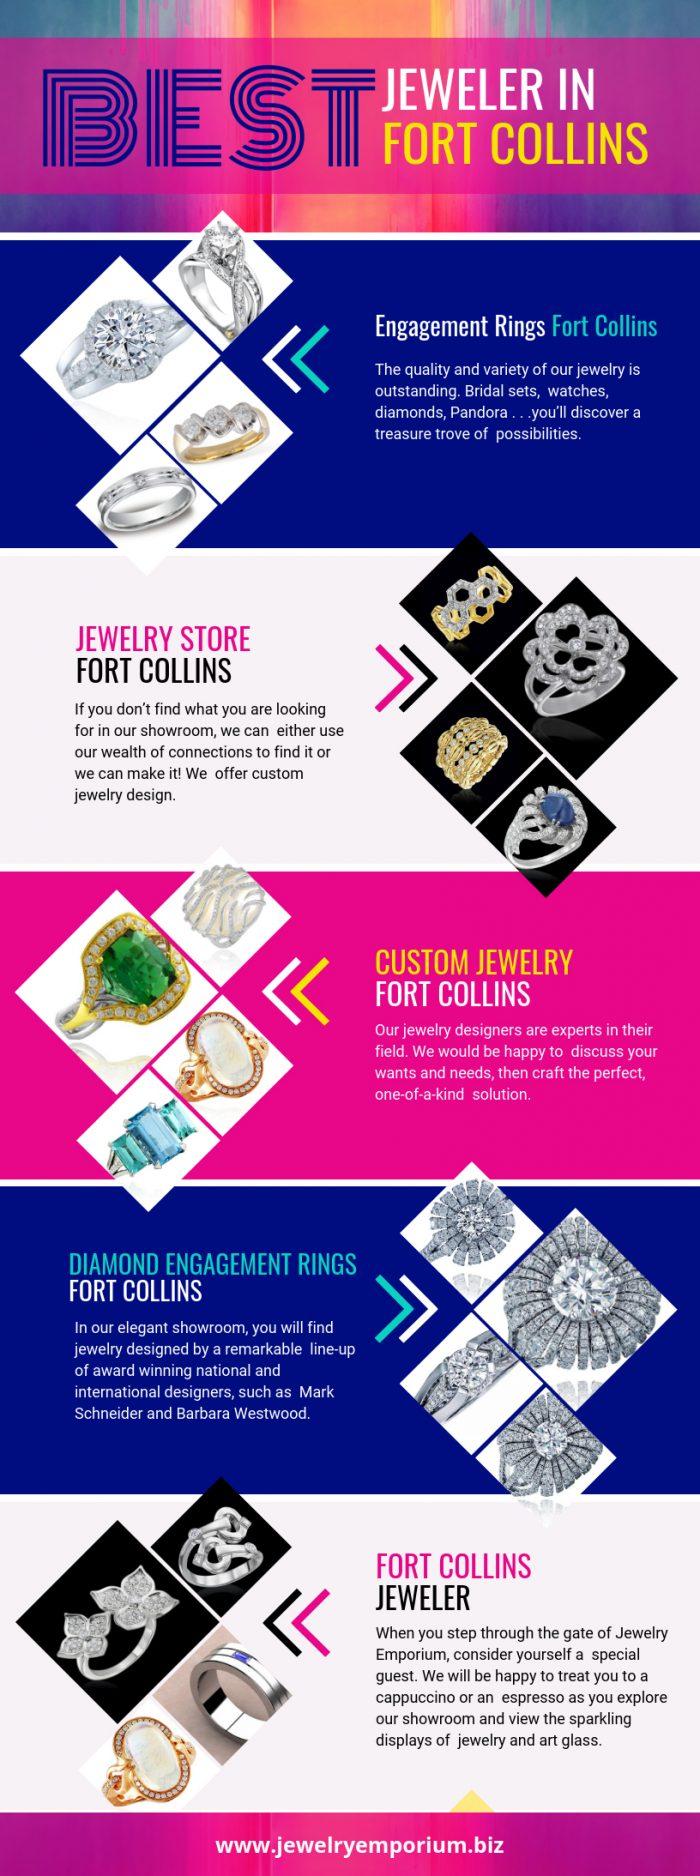 Best Jeweler in Fort Collins | Call-9702265808 | jewelryemporium.biz